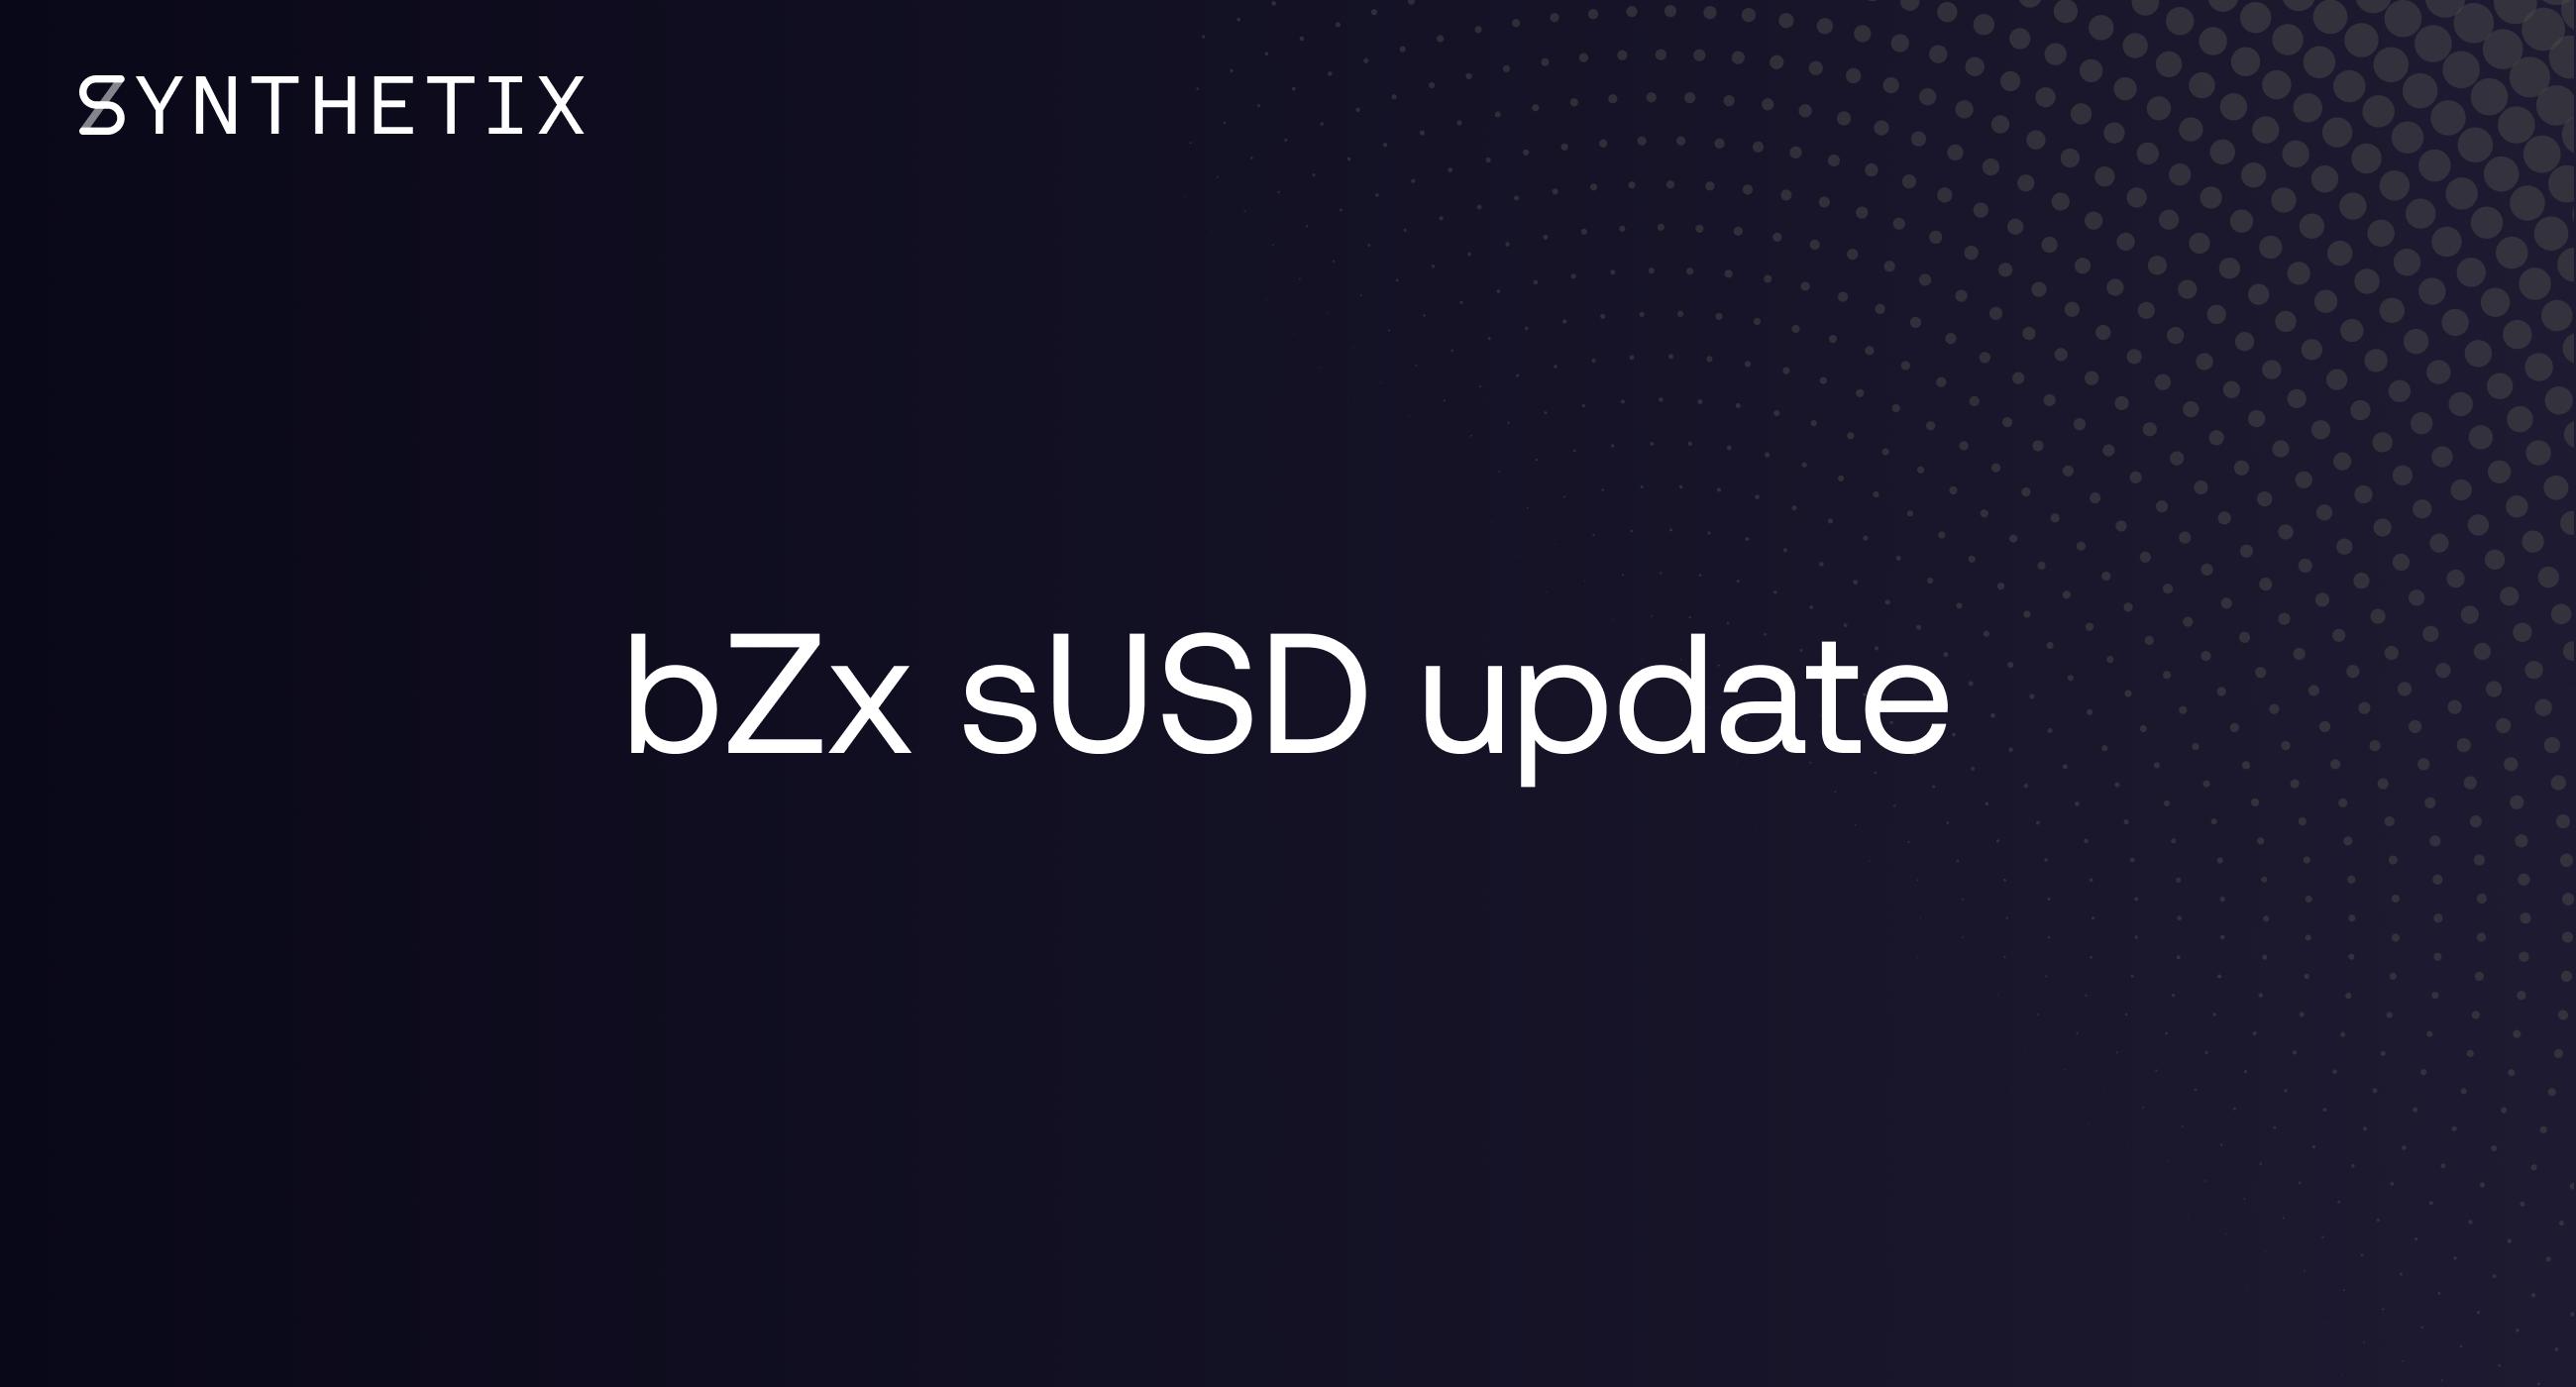 bZx sUSD update